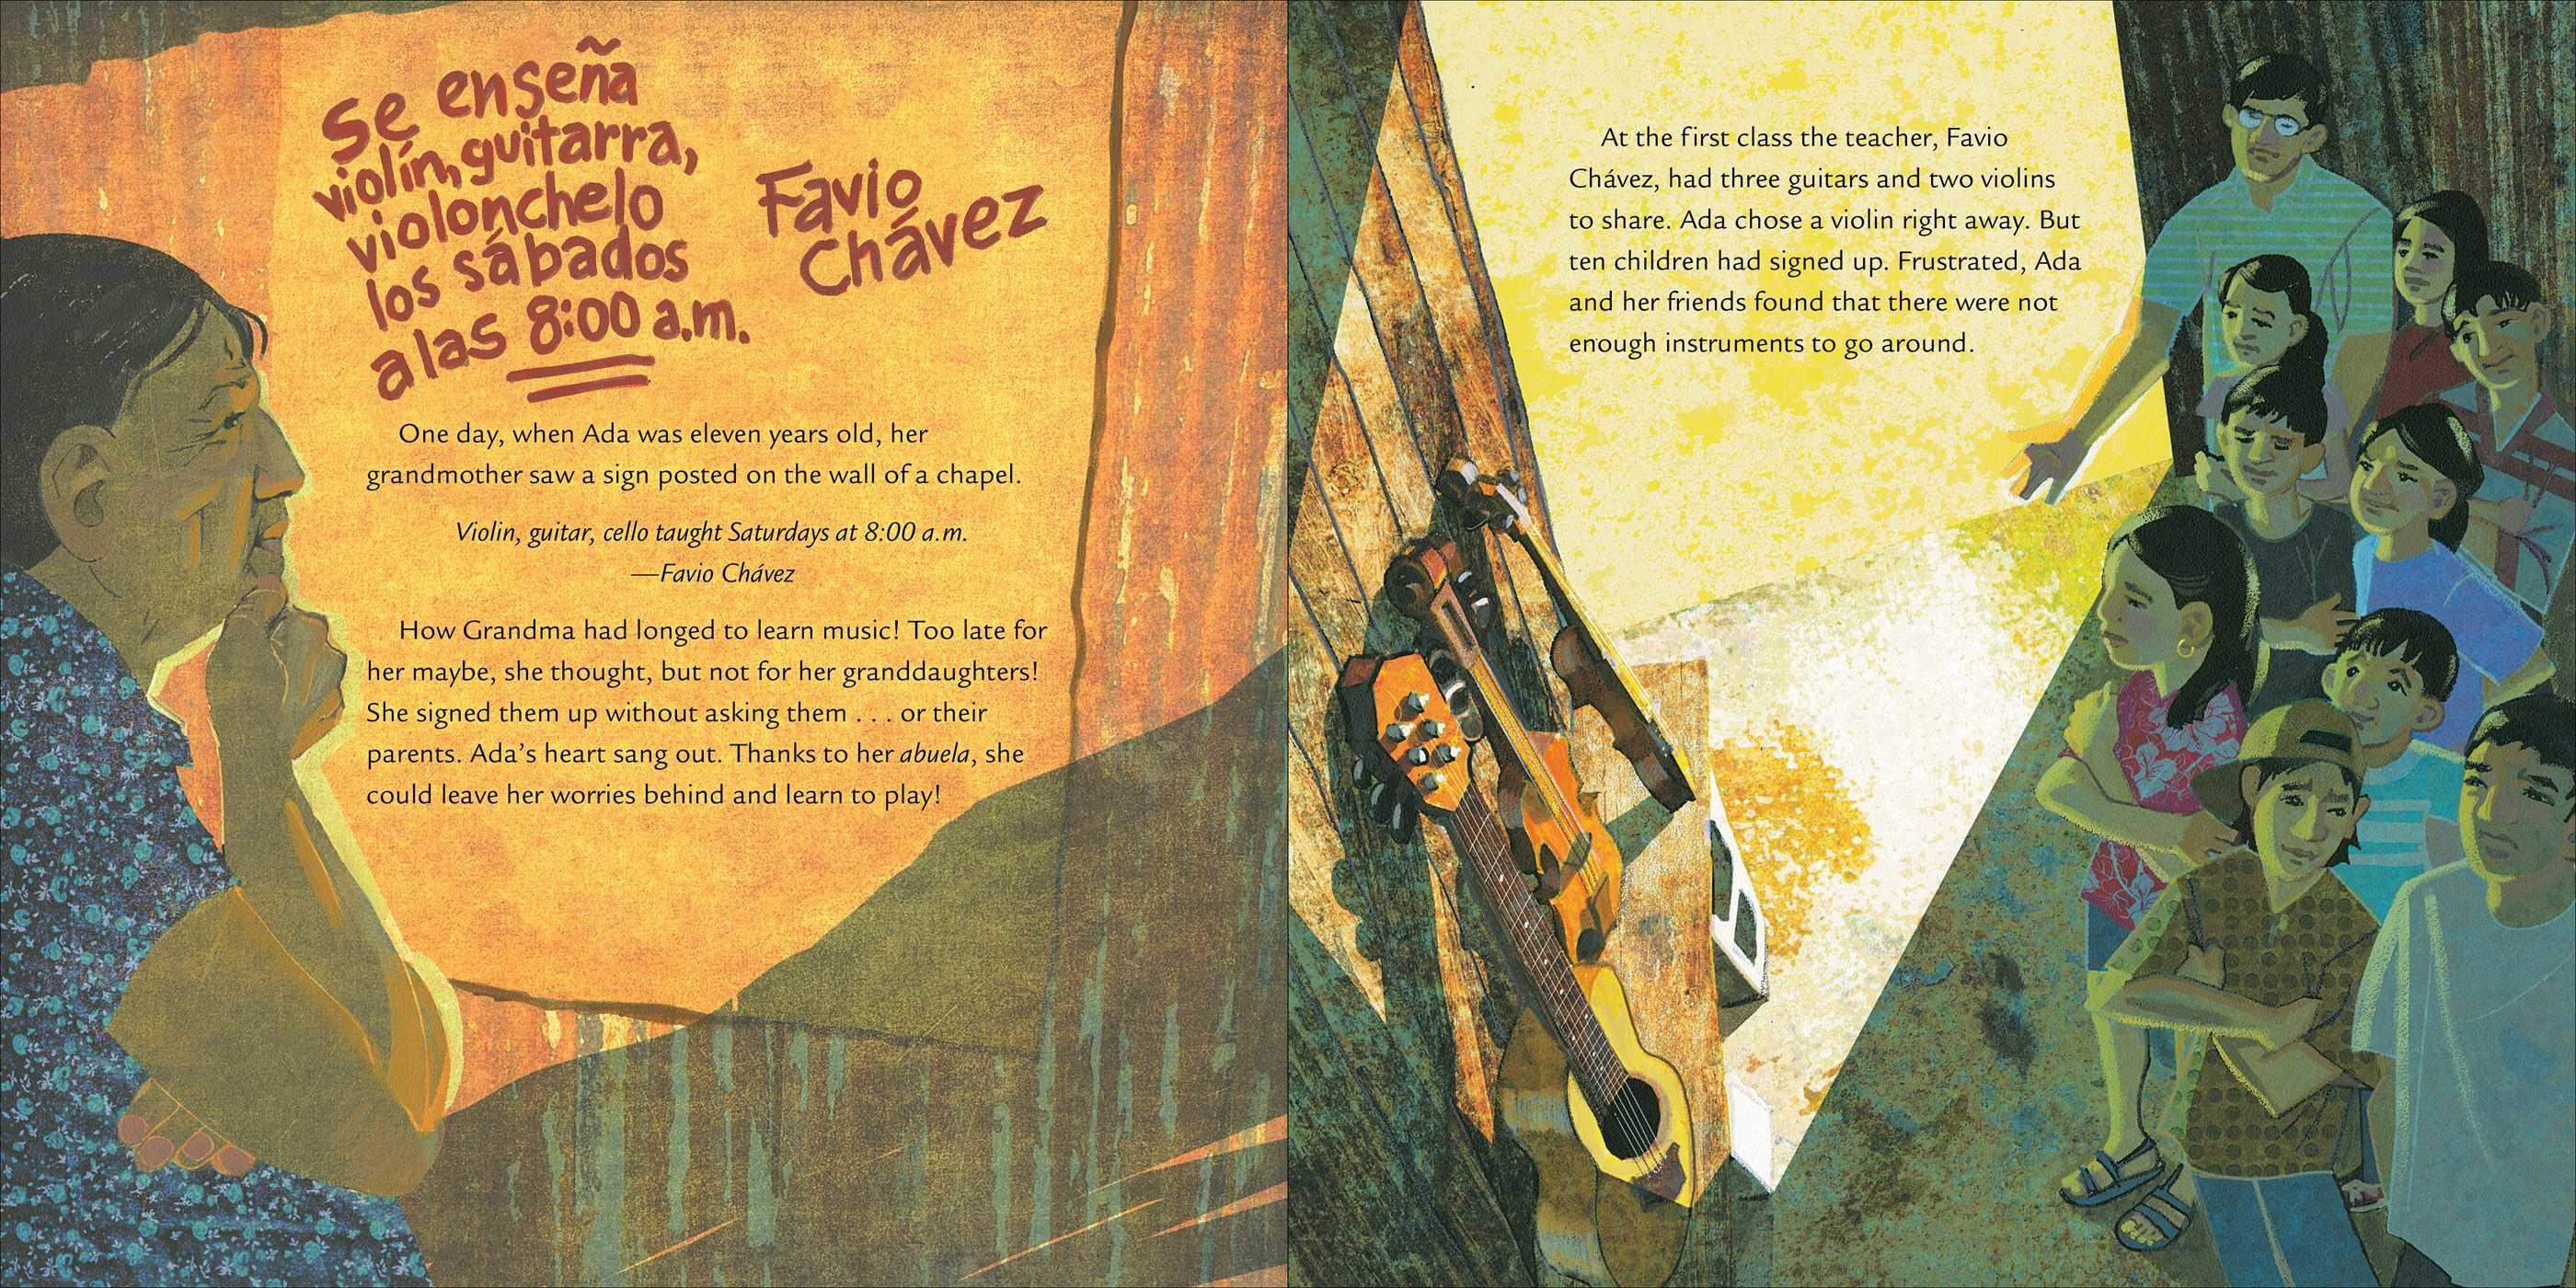 celebrate-picture-books-picture-book-review-ada's-violin-lessons